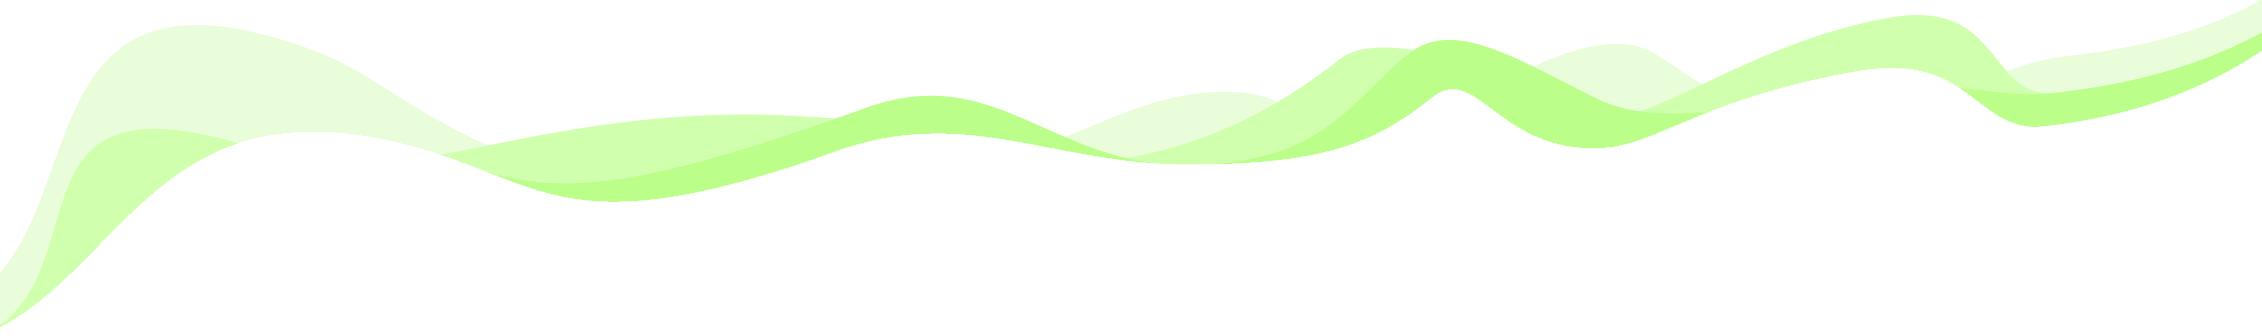 Divider 1